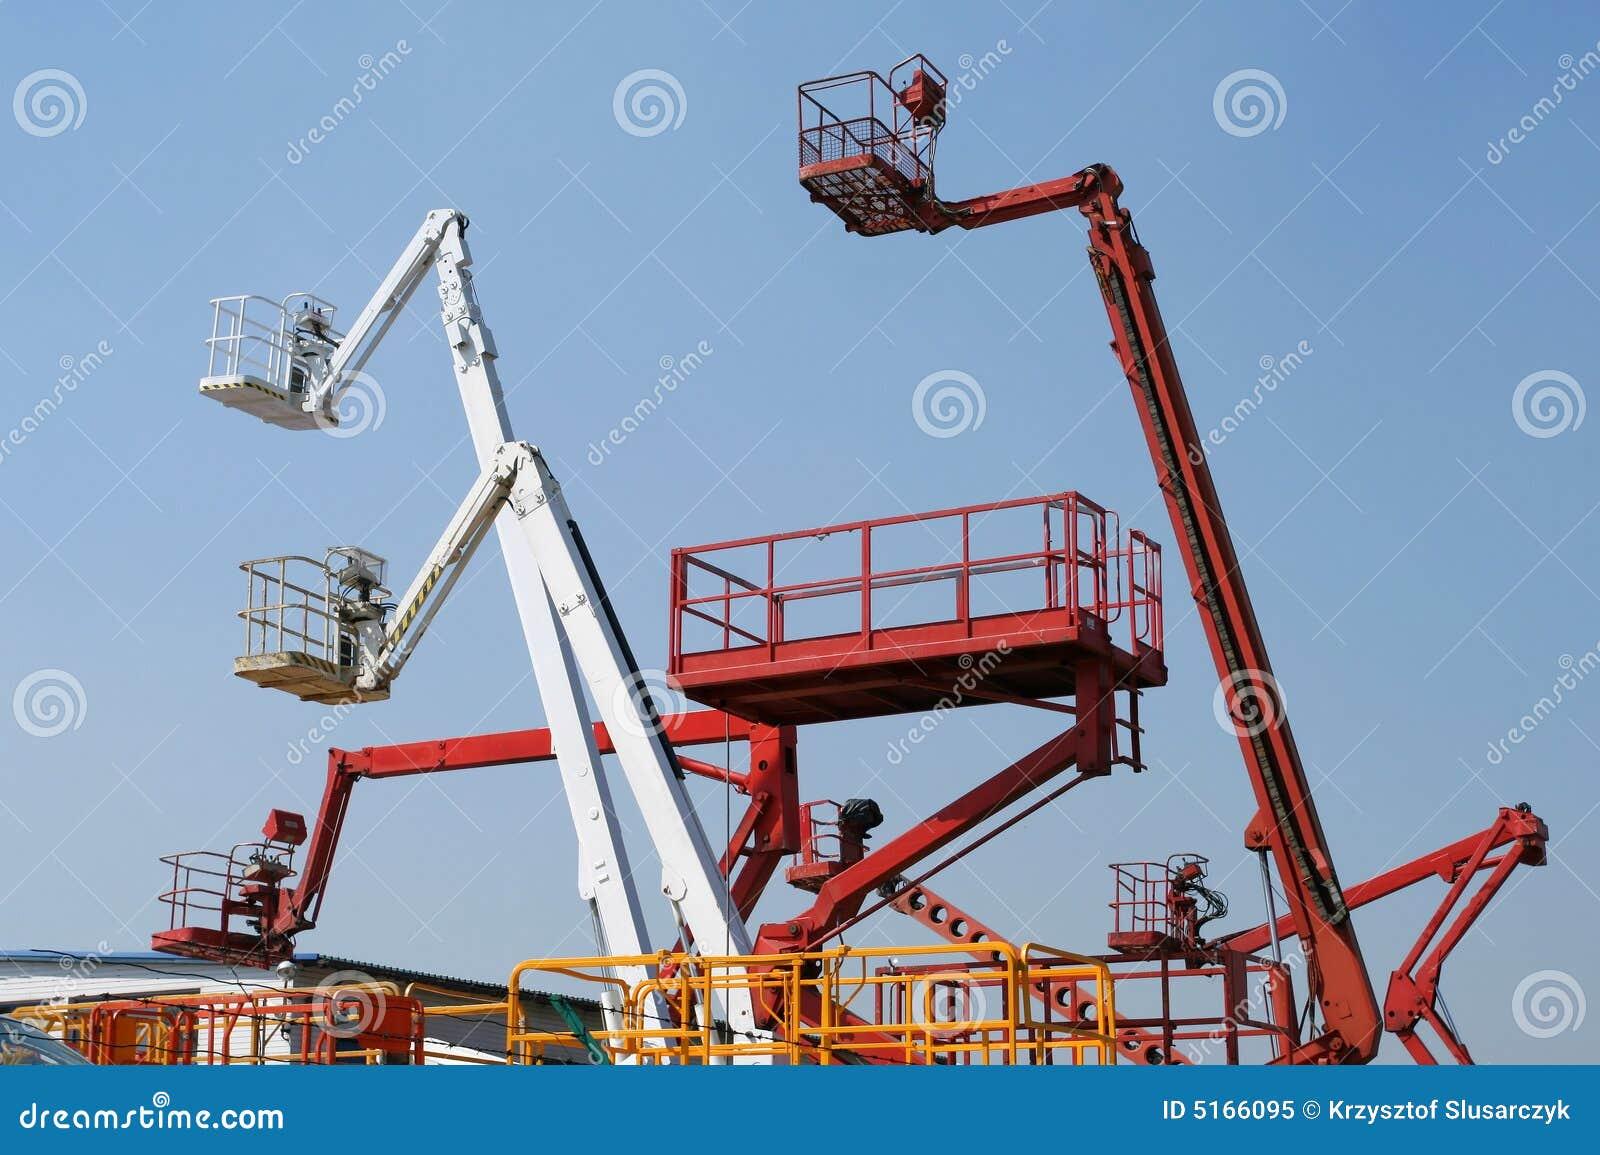 machine lifts